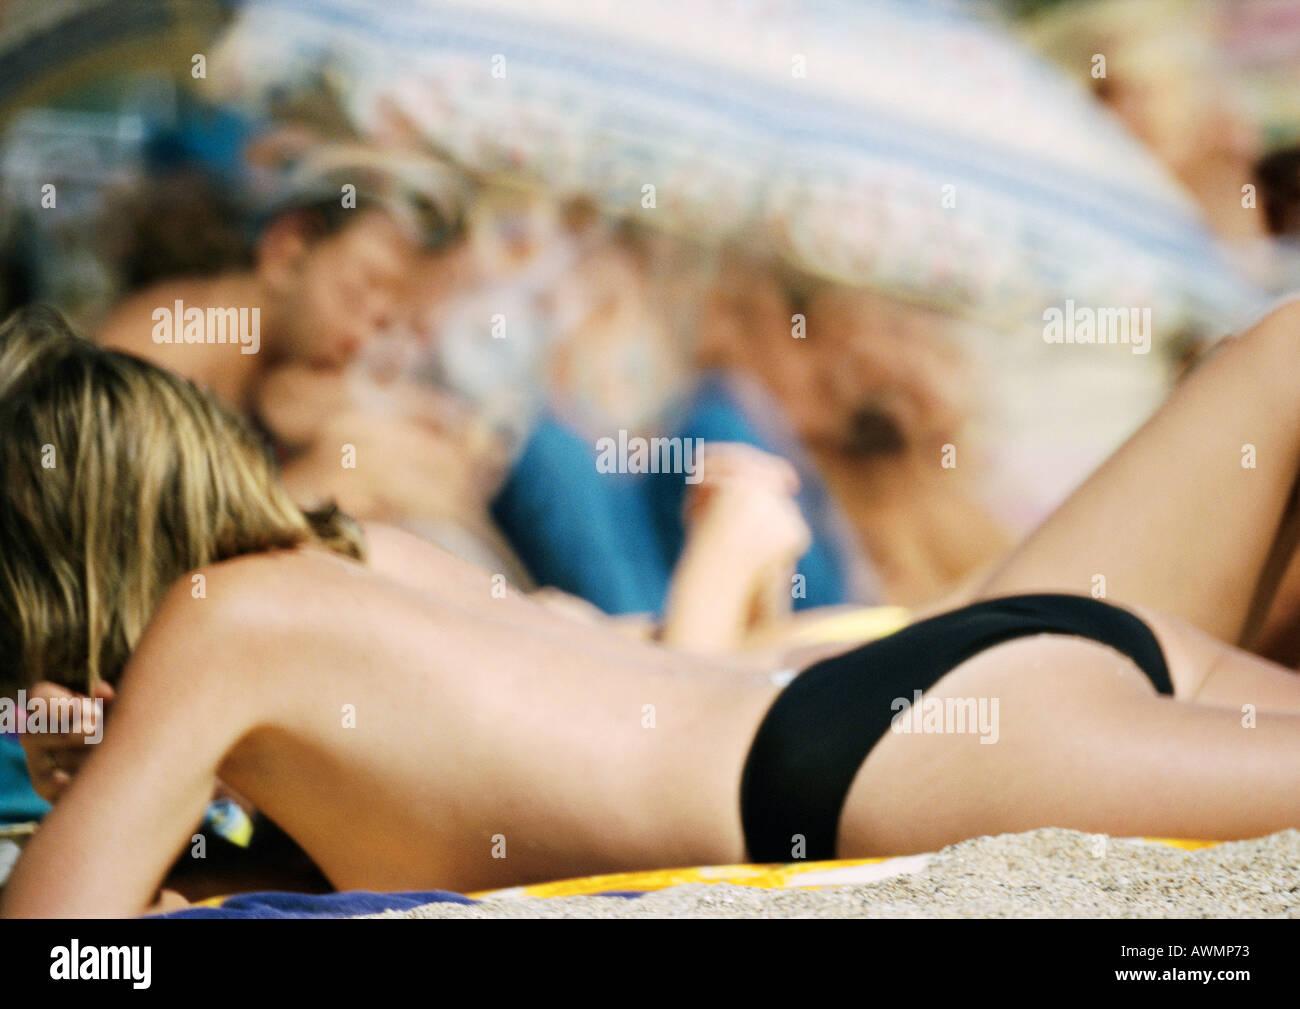 Teenager Mädchen Am Strand Halb Nackt Liegen Stockfoto Bild